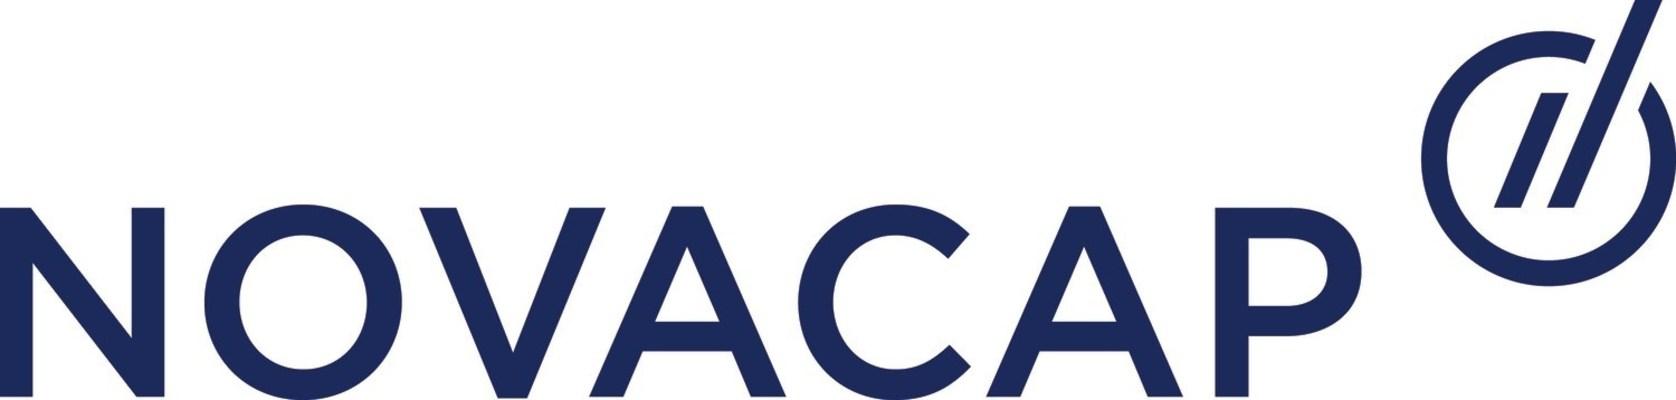 Novacap Management Inc. logo (CNW Group/Novacap Management Inc.)